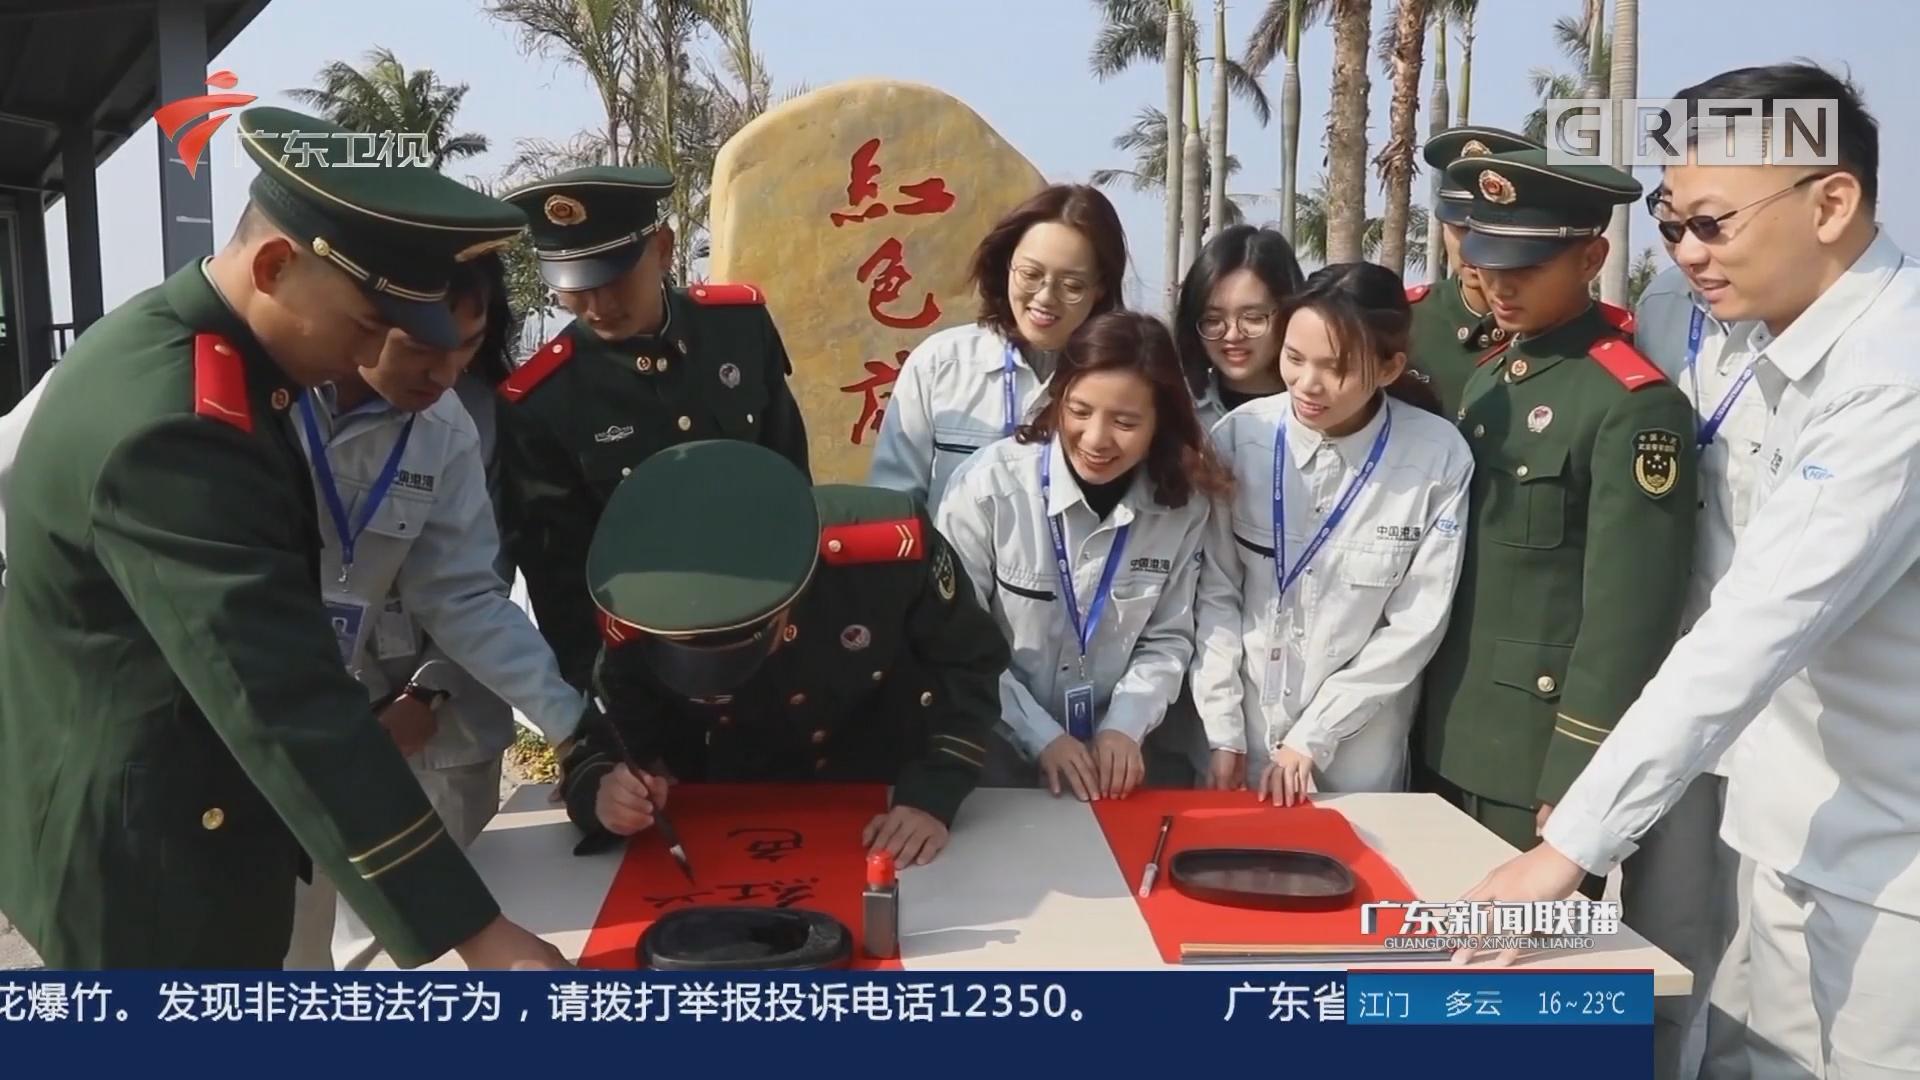 驻守南粤边防 致敬新时代最可爱的人!